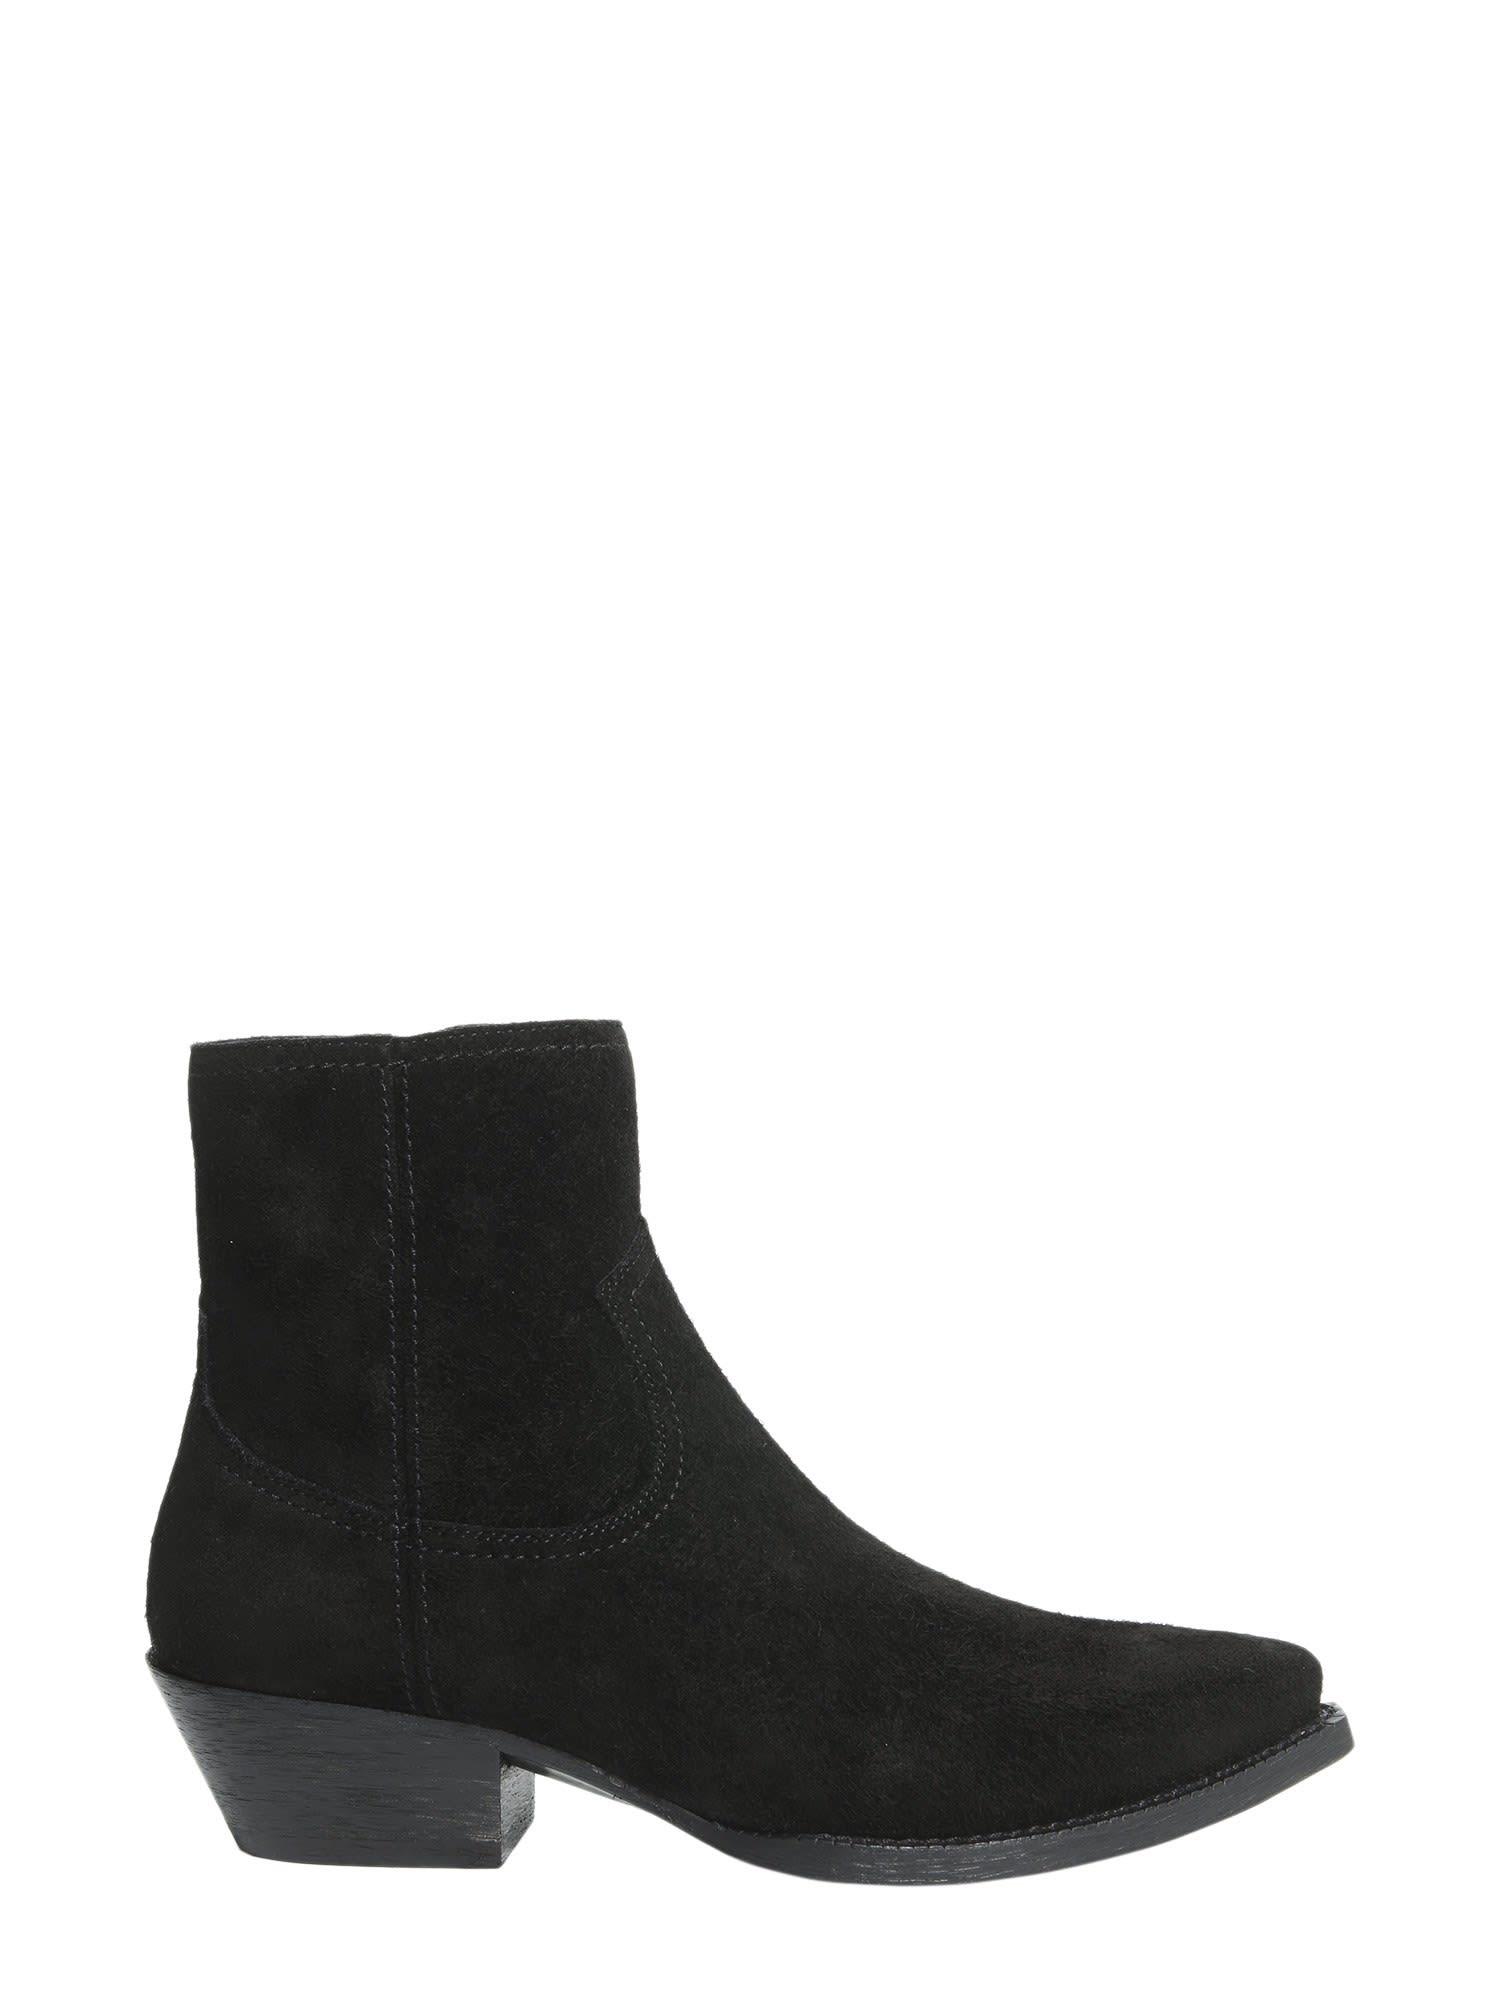 Buy Saint Laurent Lukas 40 Boots online, shop Saint Laurent shoes with free shipping